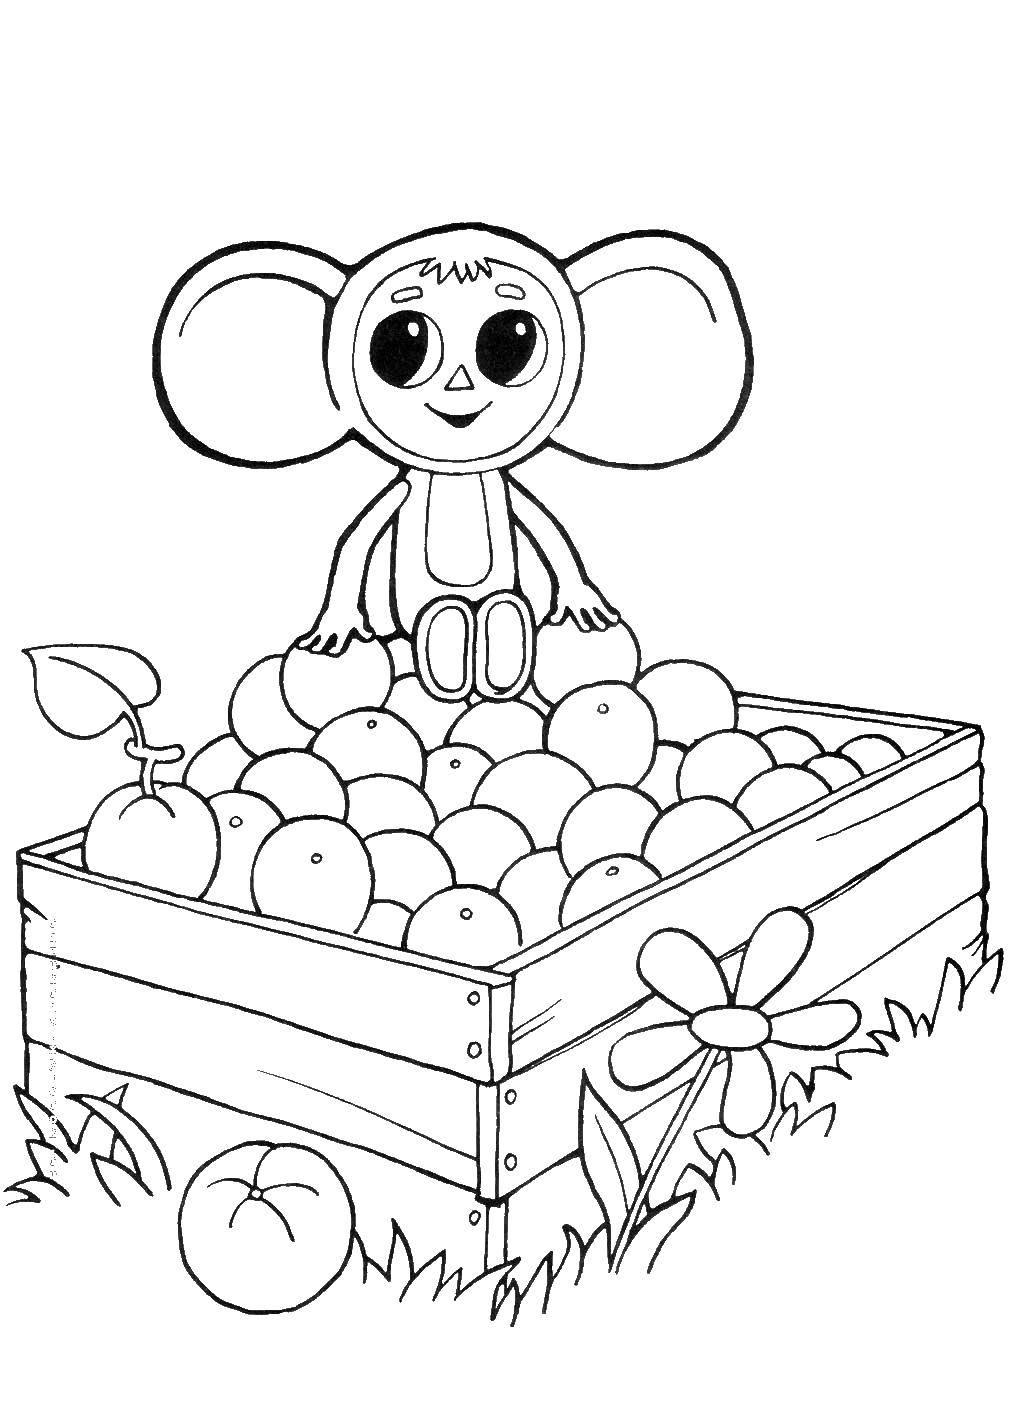 Раскраска Чебурашка в коробке с апельчинами Скачать чебурашка, Гена.  Распечатать ,чебурашка,